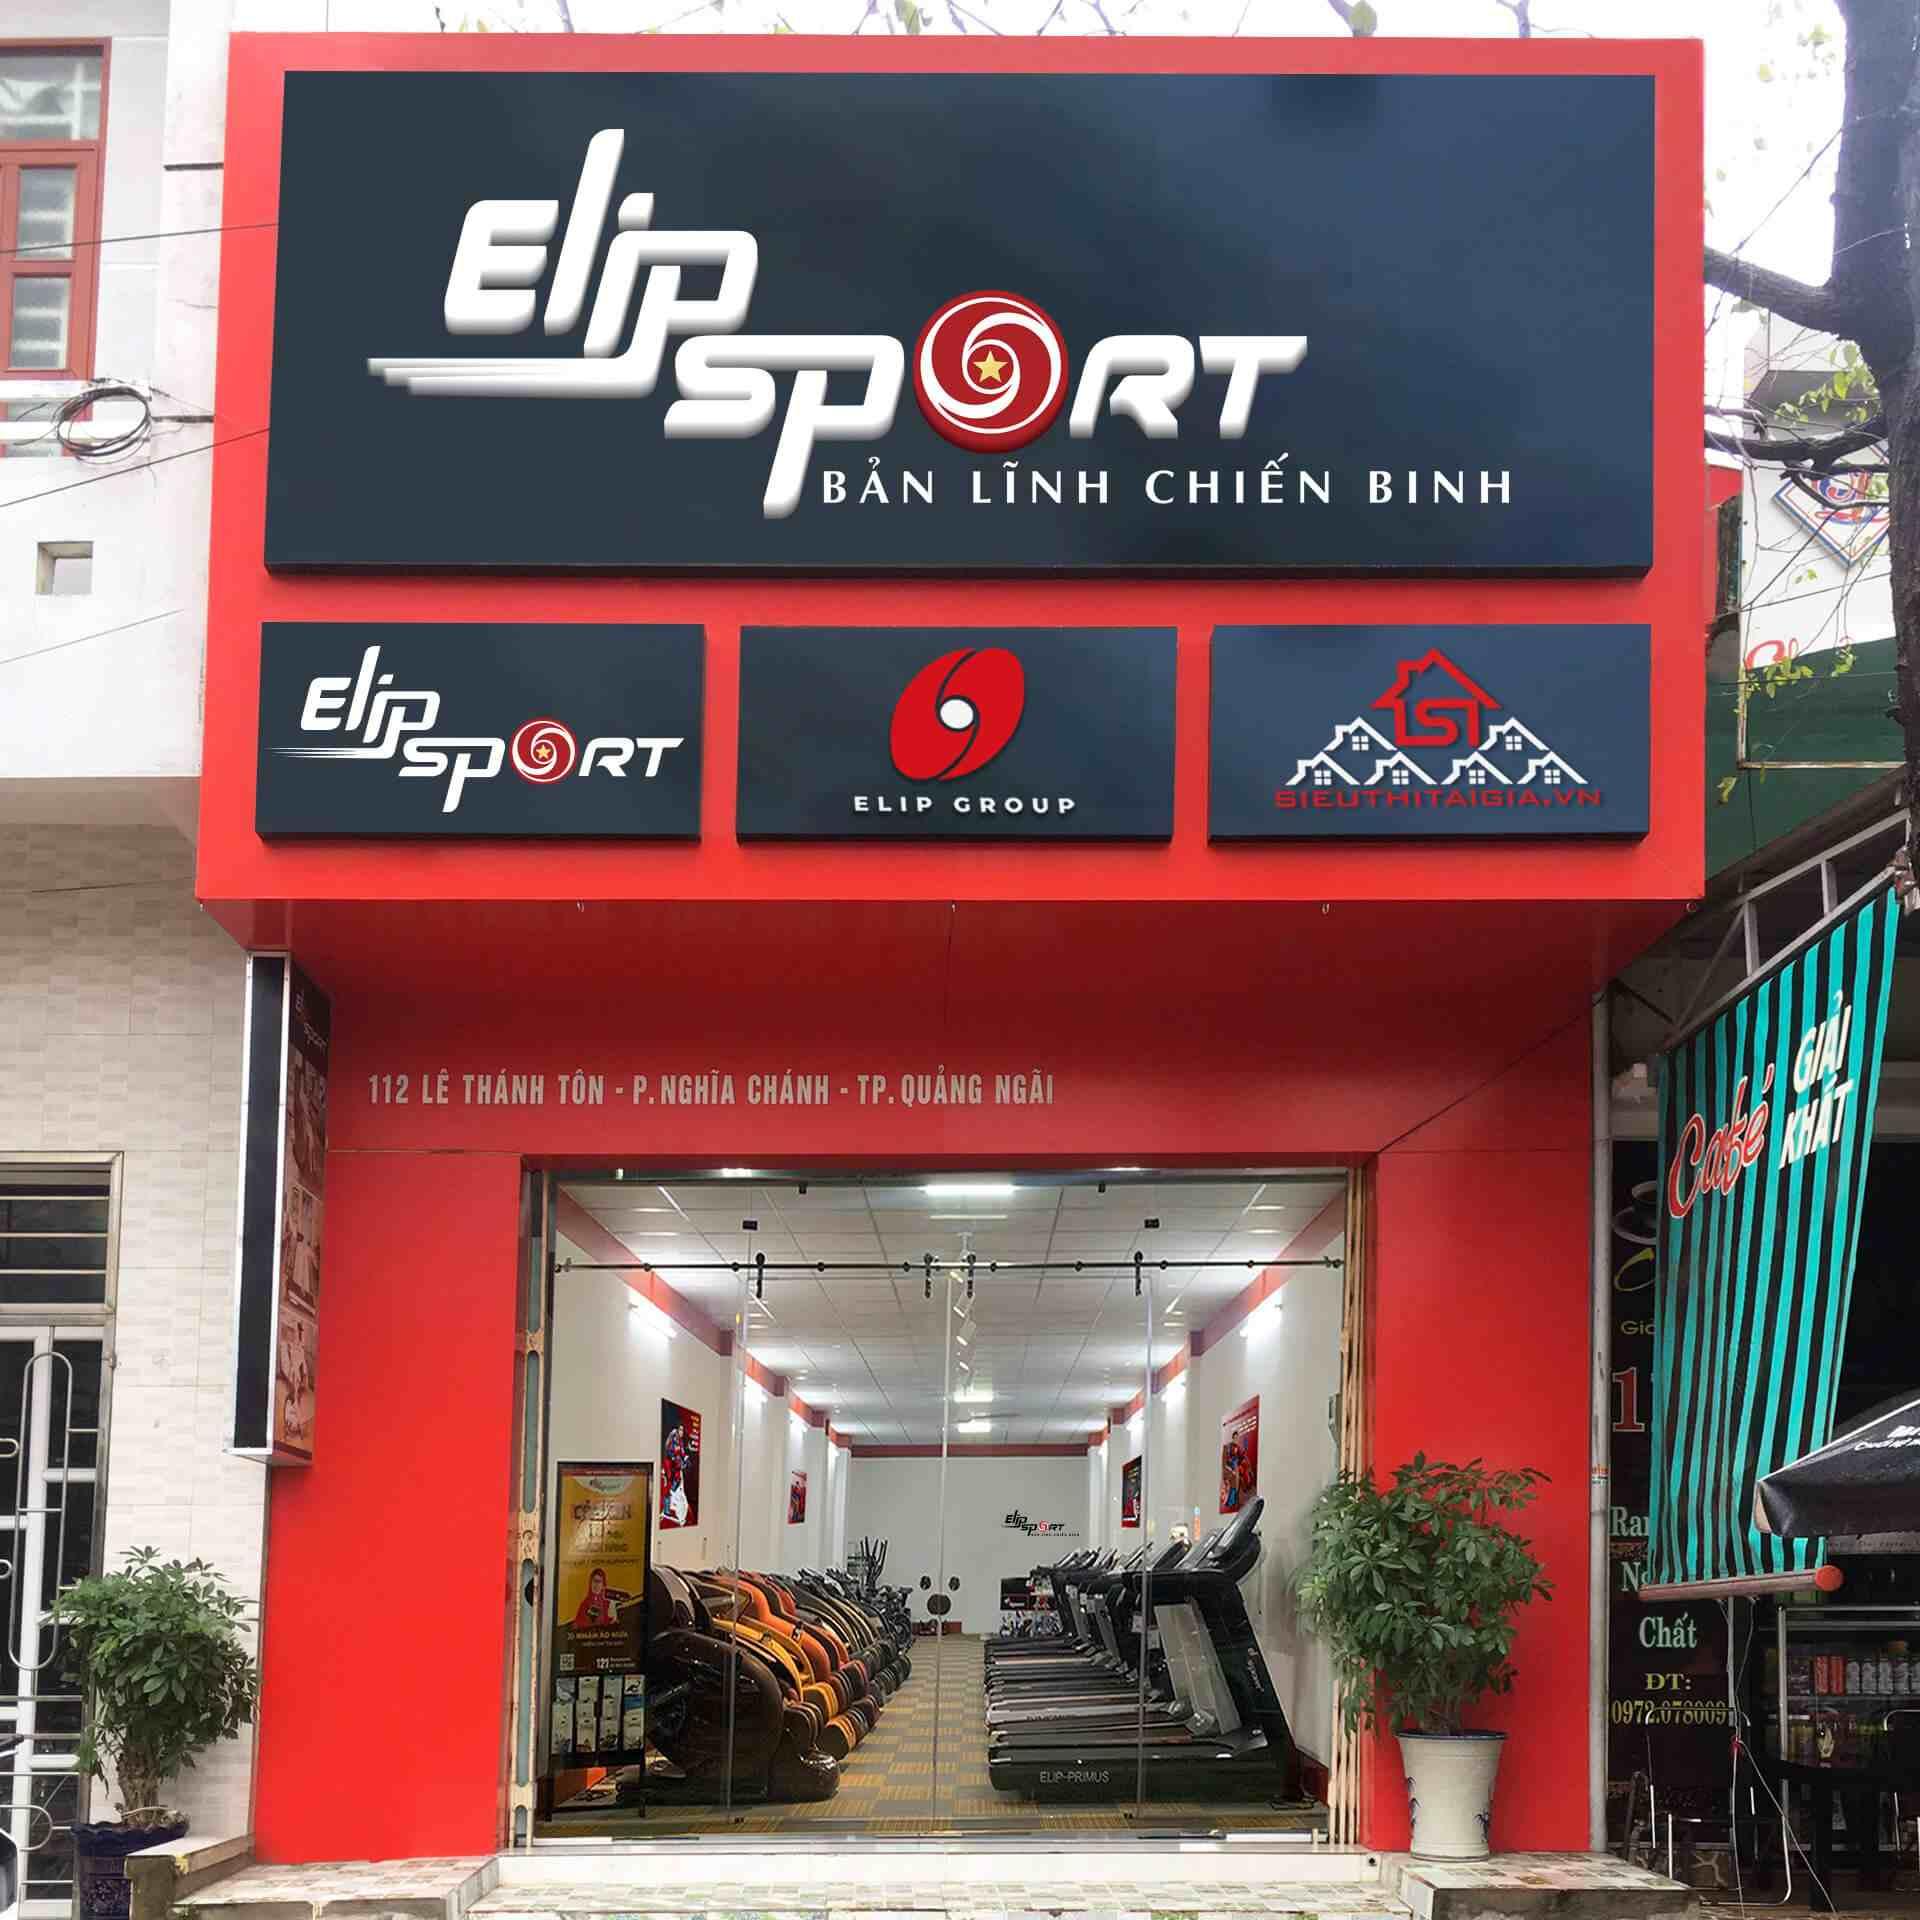 Hình ảnh của chi nhánh Elipsport Quảng Ngãi